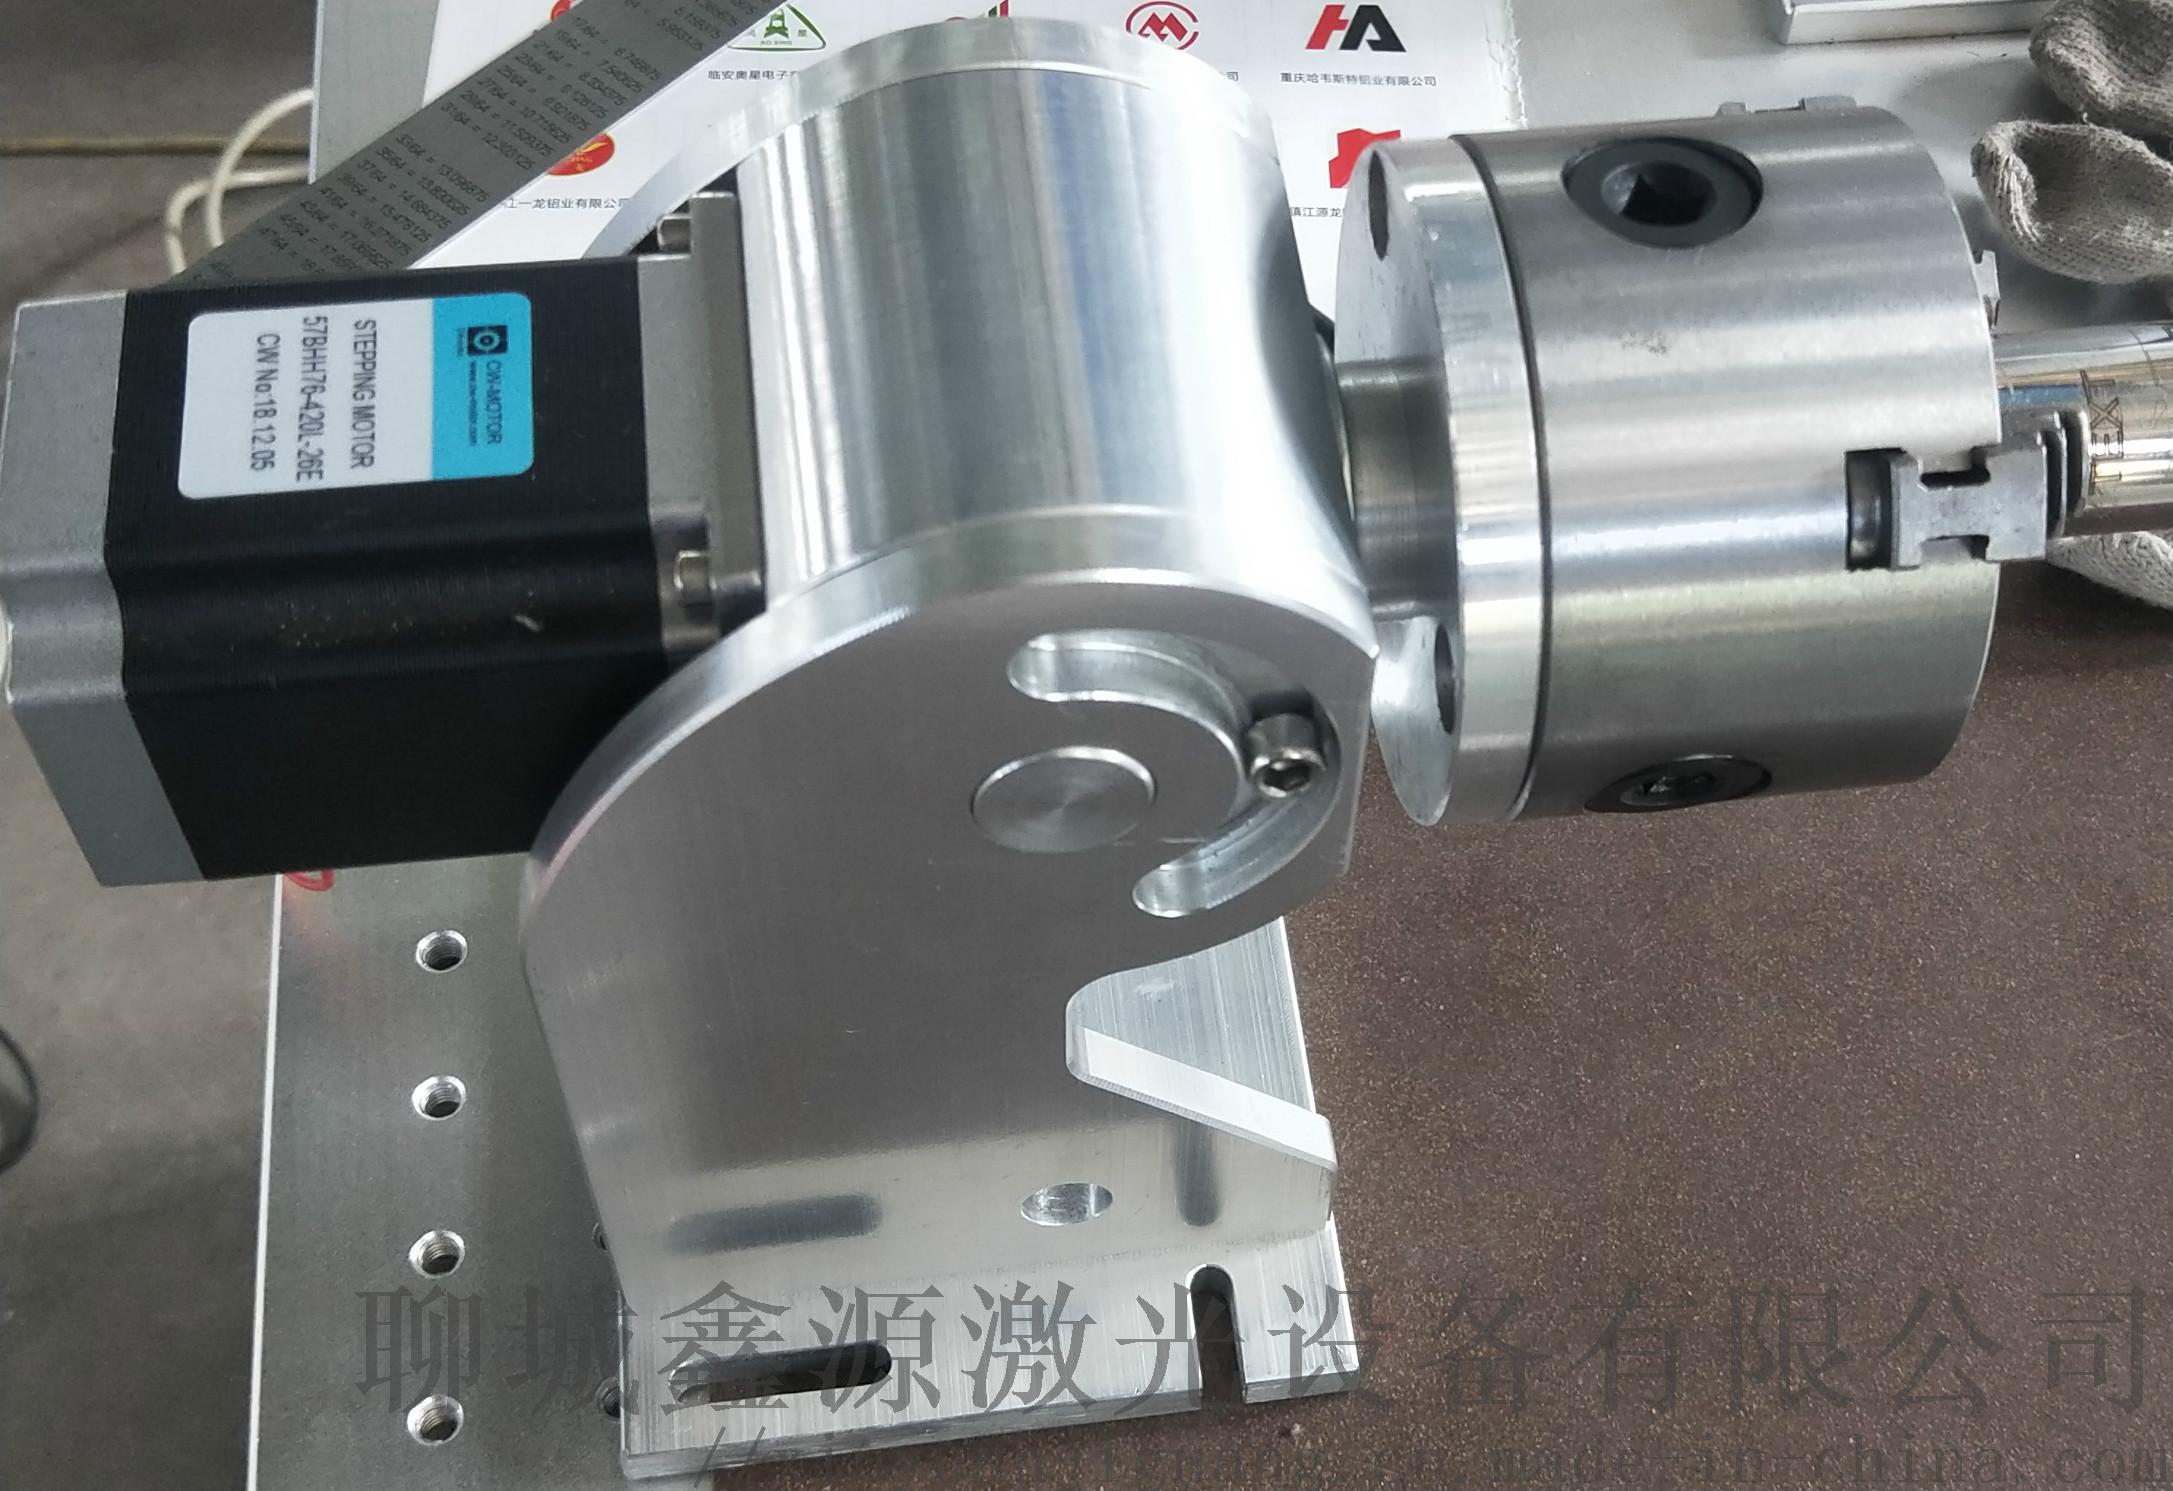 茶叶包装商标雕刻机小型光纤激光打标机92857662